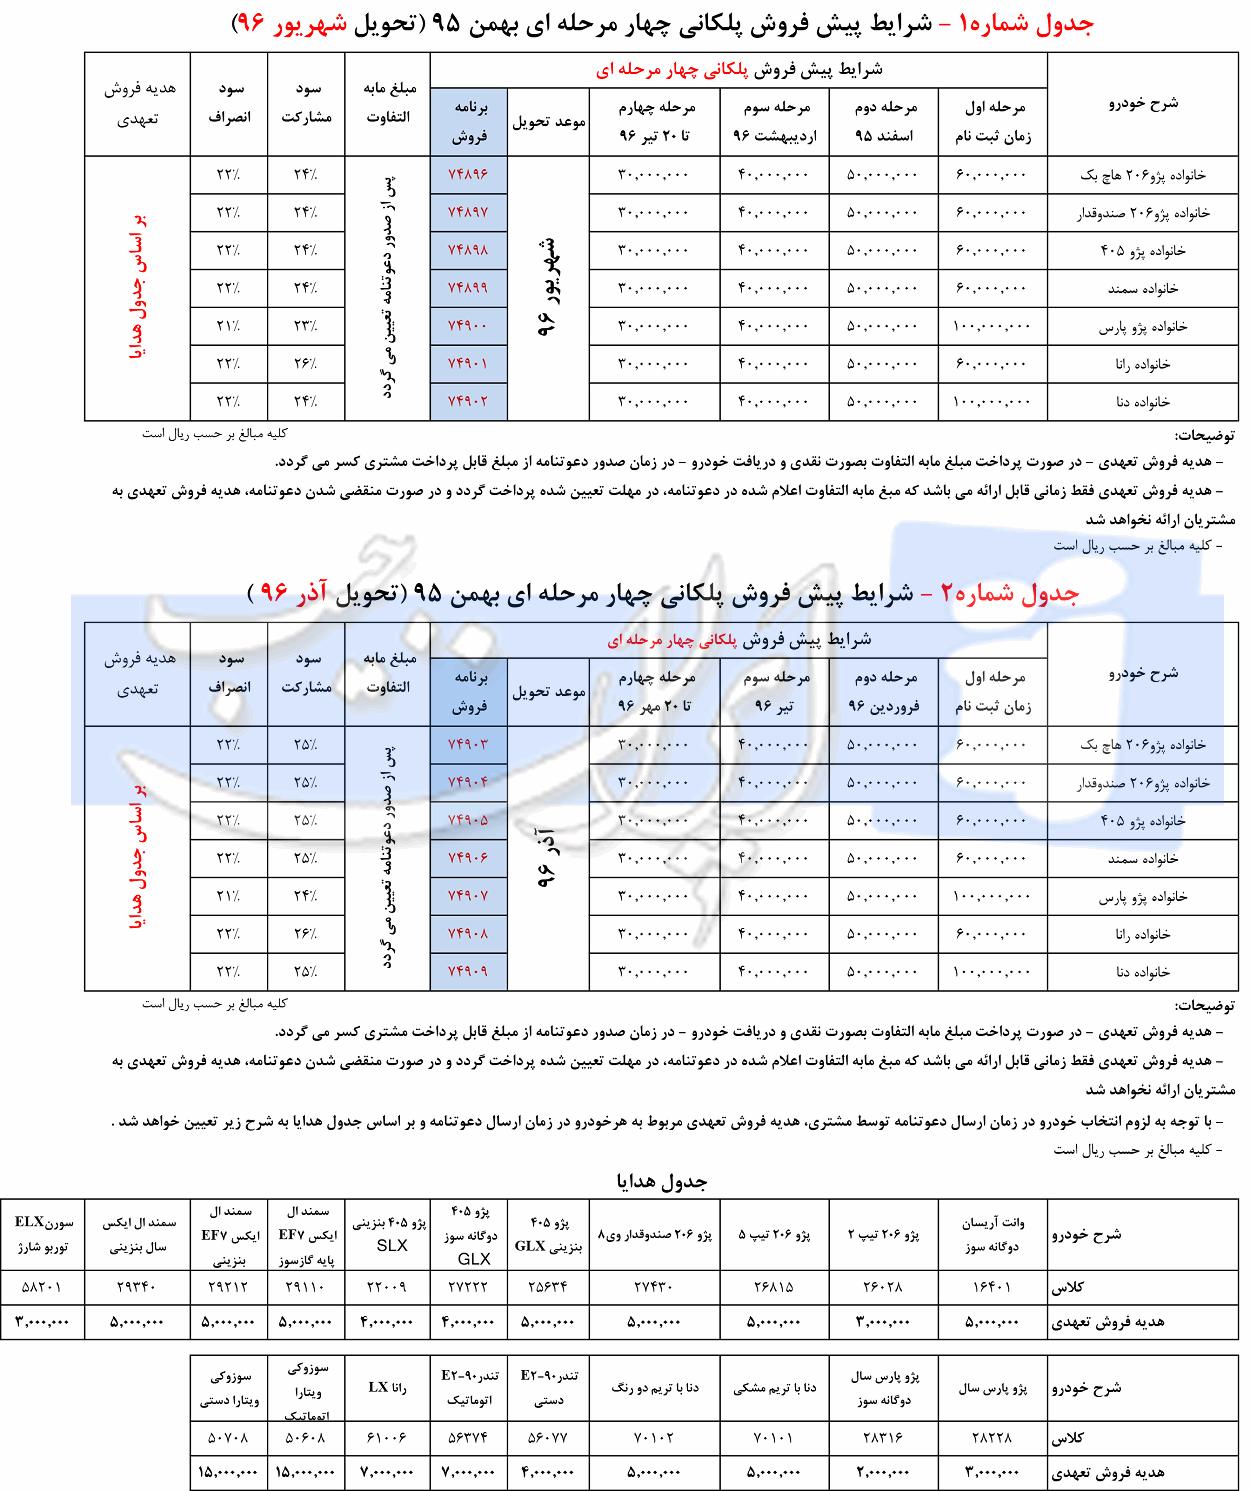 شرایط پیش فروش پلکانی محصولات ایران خودرو - بھمن 95